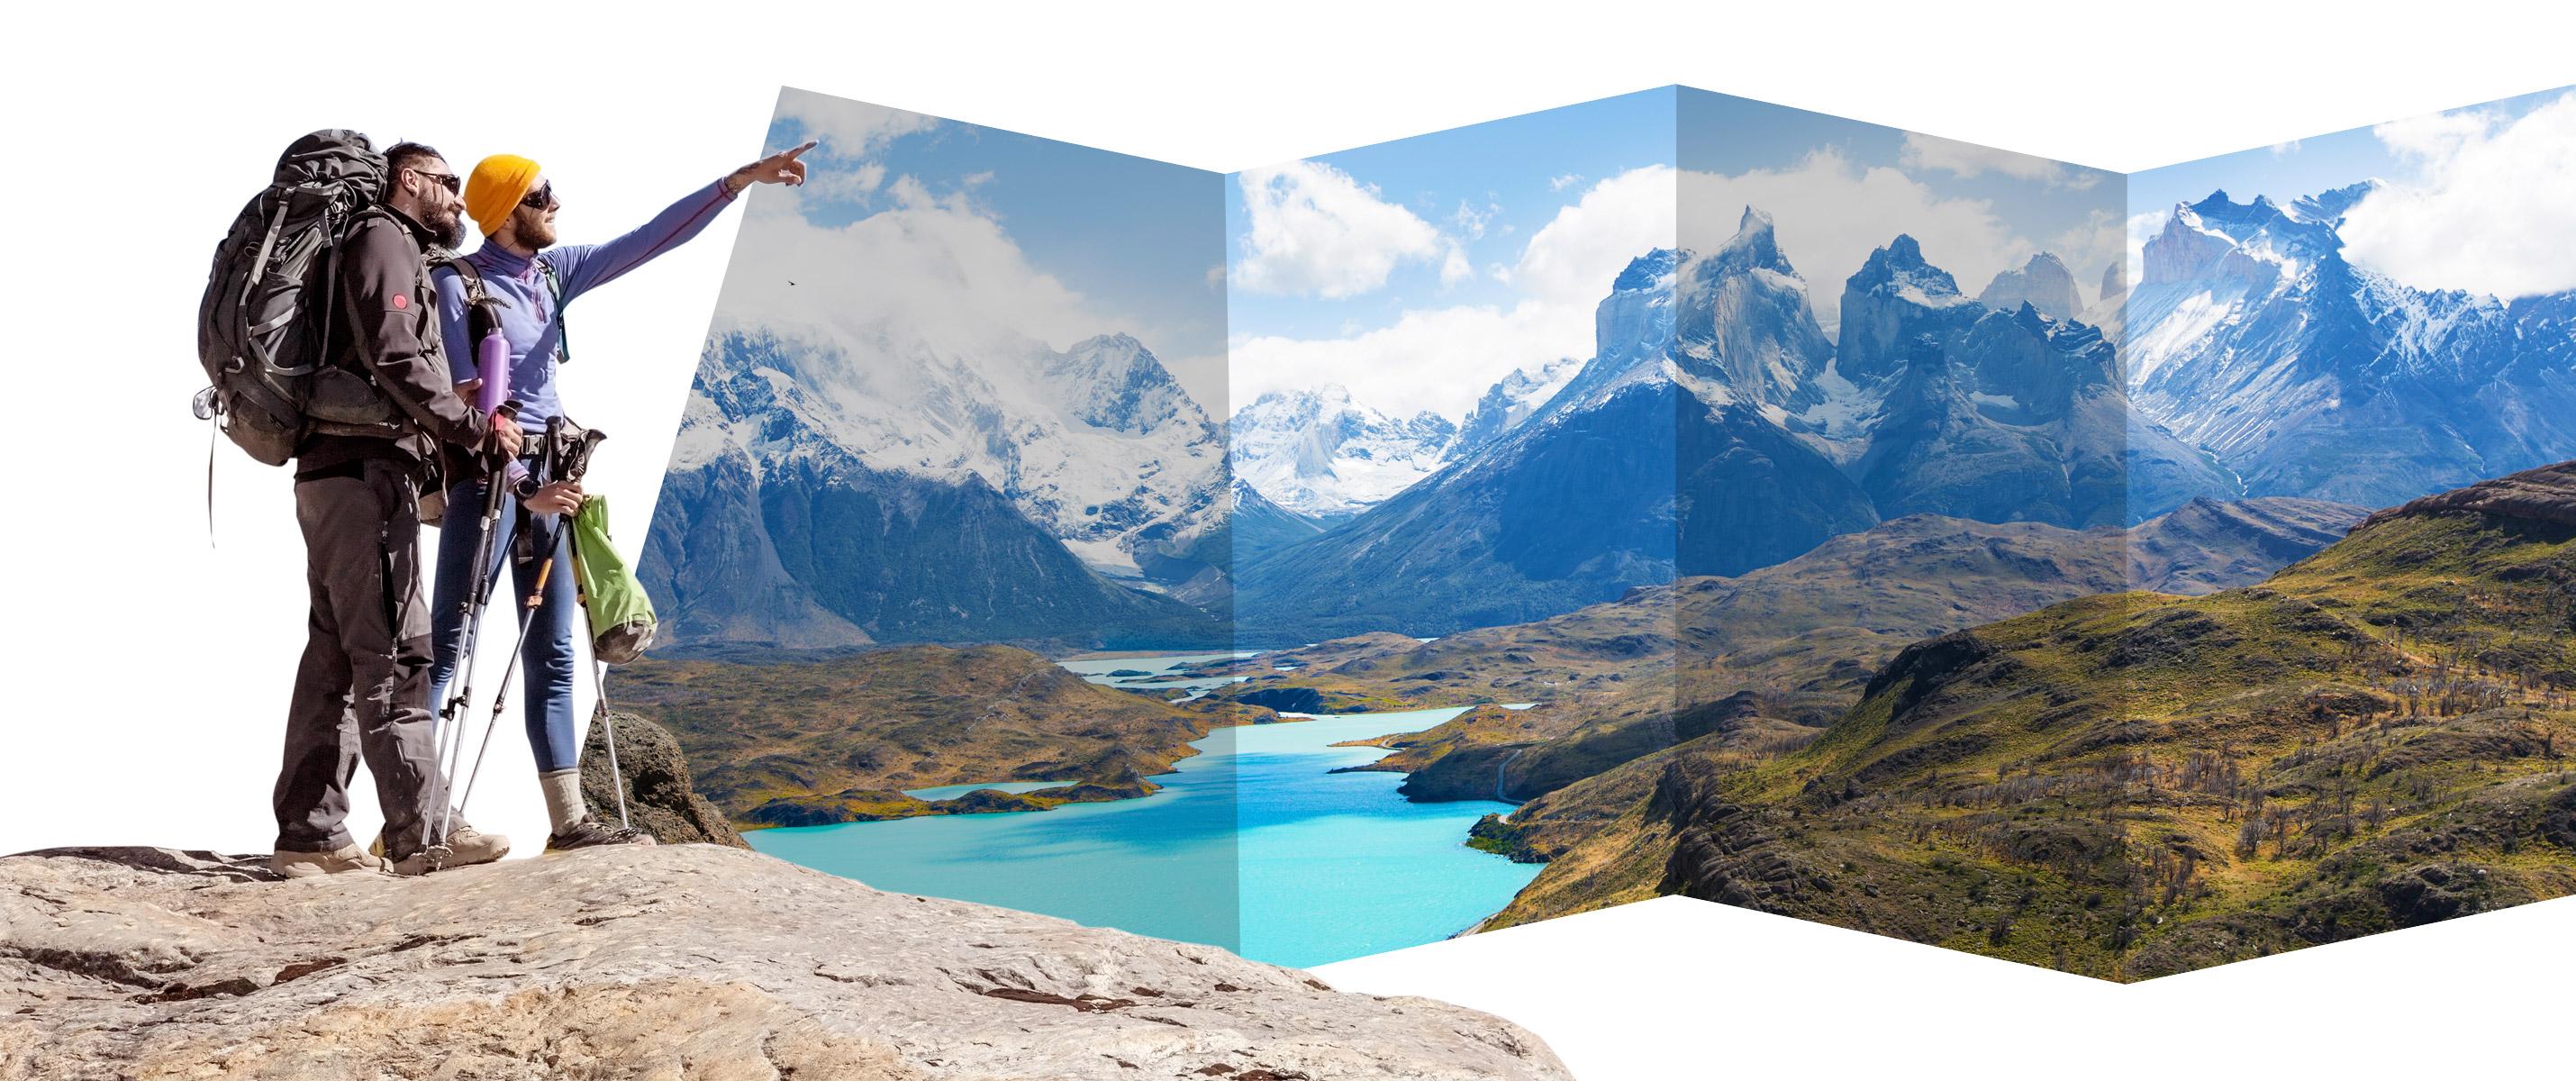 Outdoor Blog - Chile y America del sur